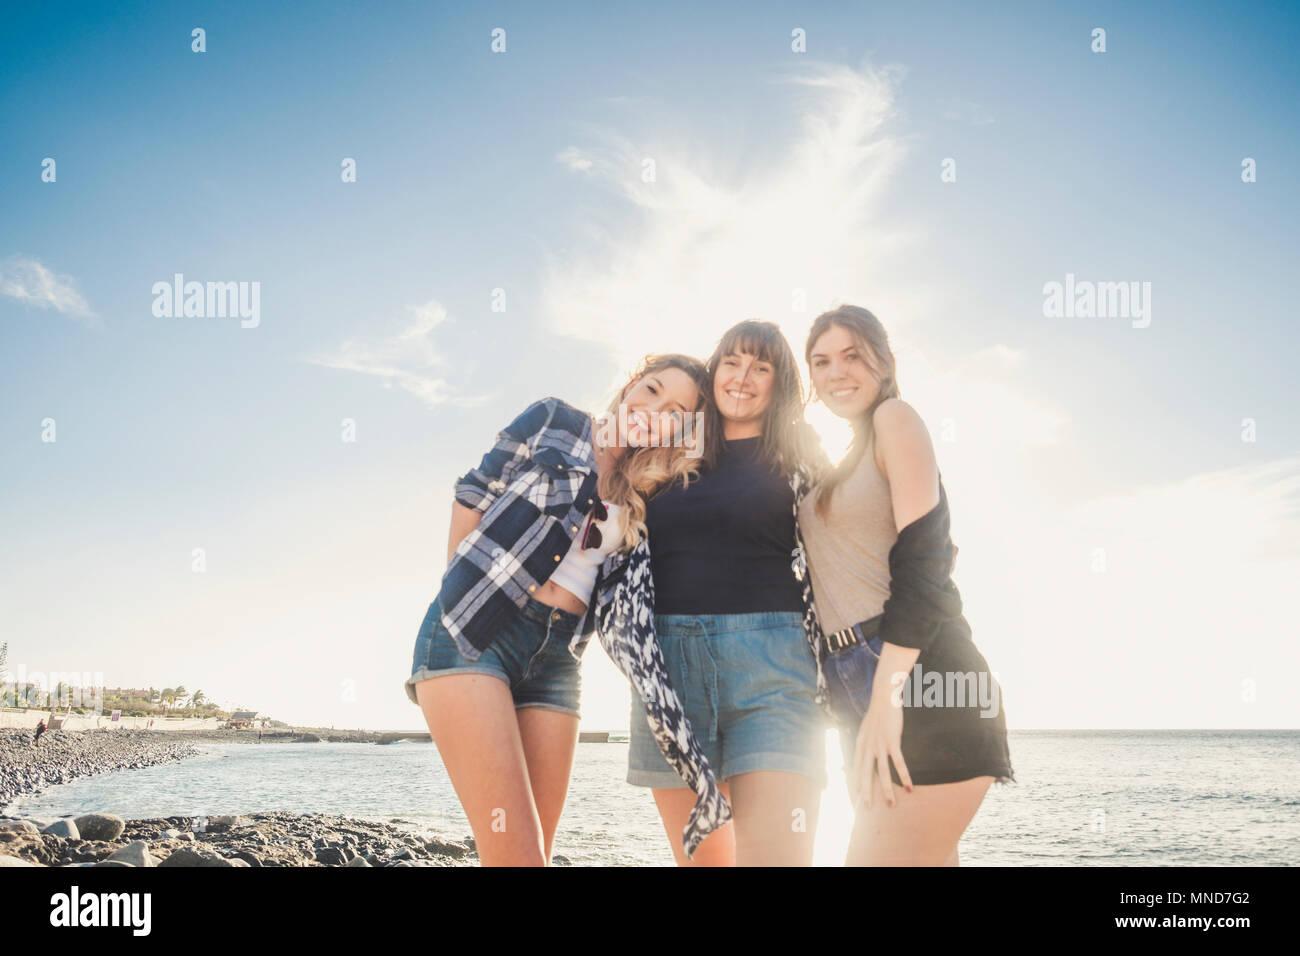 Gruppe von drei jungen Frau genießen Sie den Sommer auf einem Felsen am Strand auf Teneriffa, umarmen sich mit viel Lachen und Lächeln für ein perfektes Team Stockbild